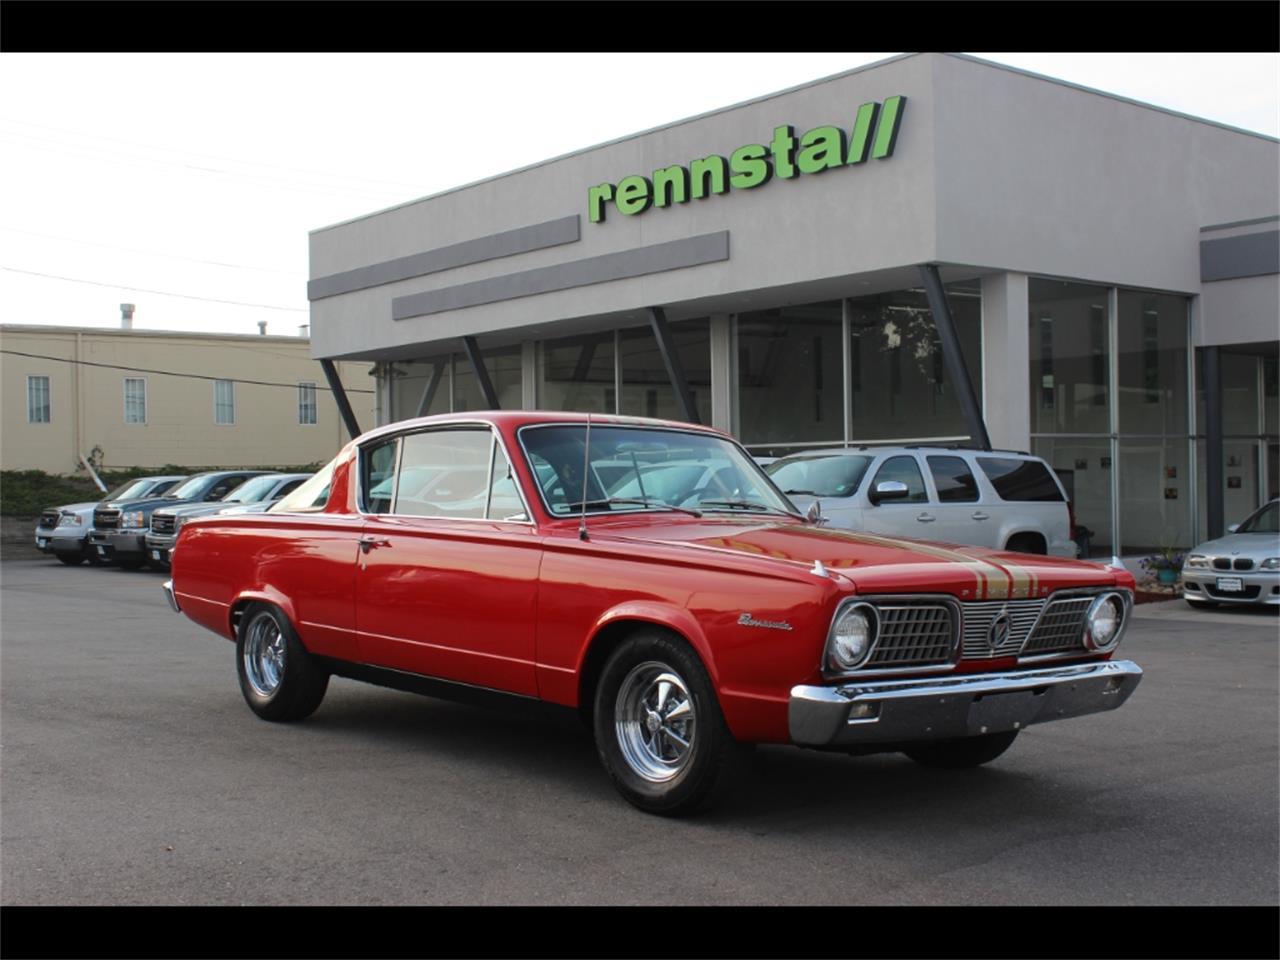 For Sale: 1966 Plymouth Barracuda in Greeley, Colorado